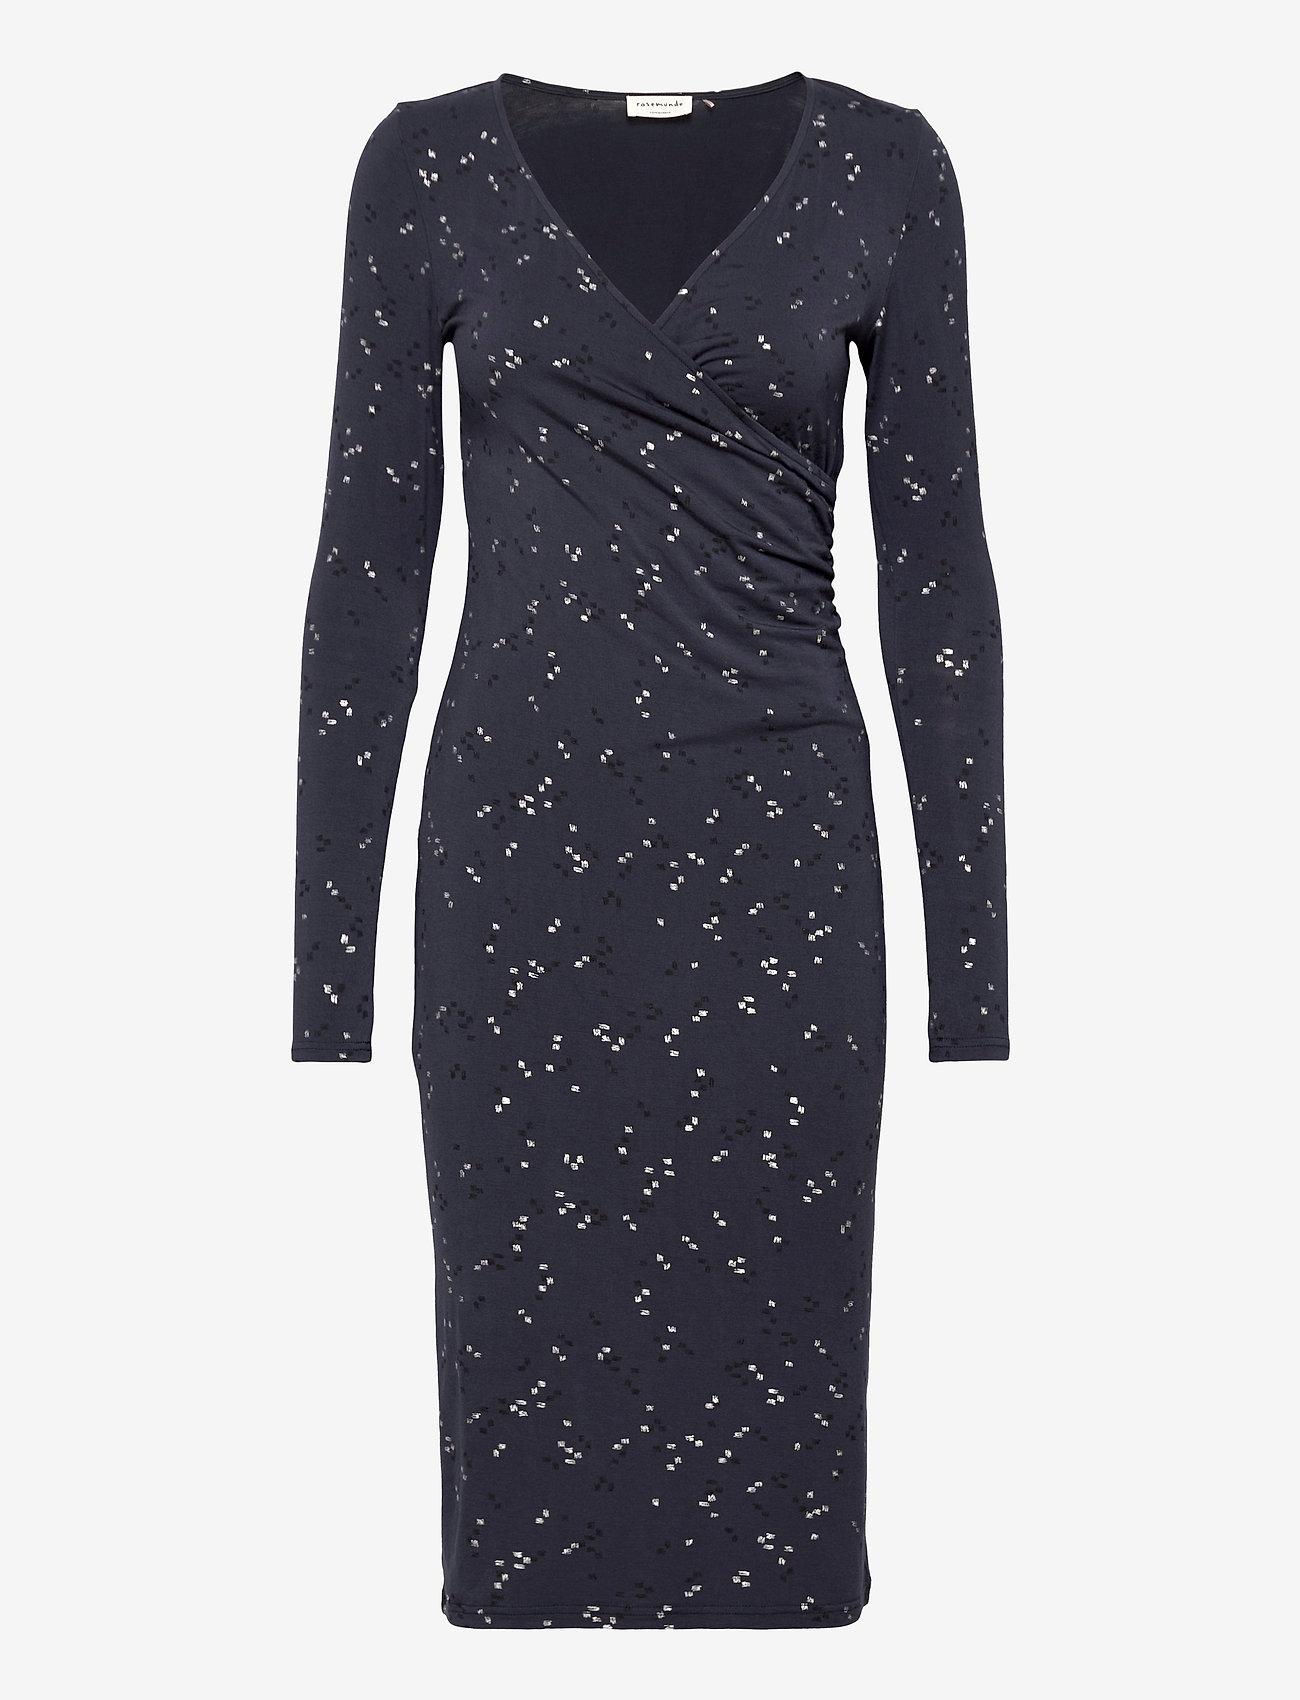 Rosemunde - Dress ls - vardagsklänningar - blue square print - 0